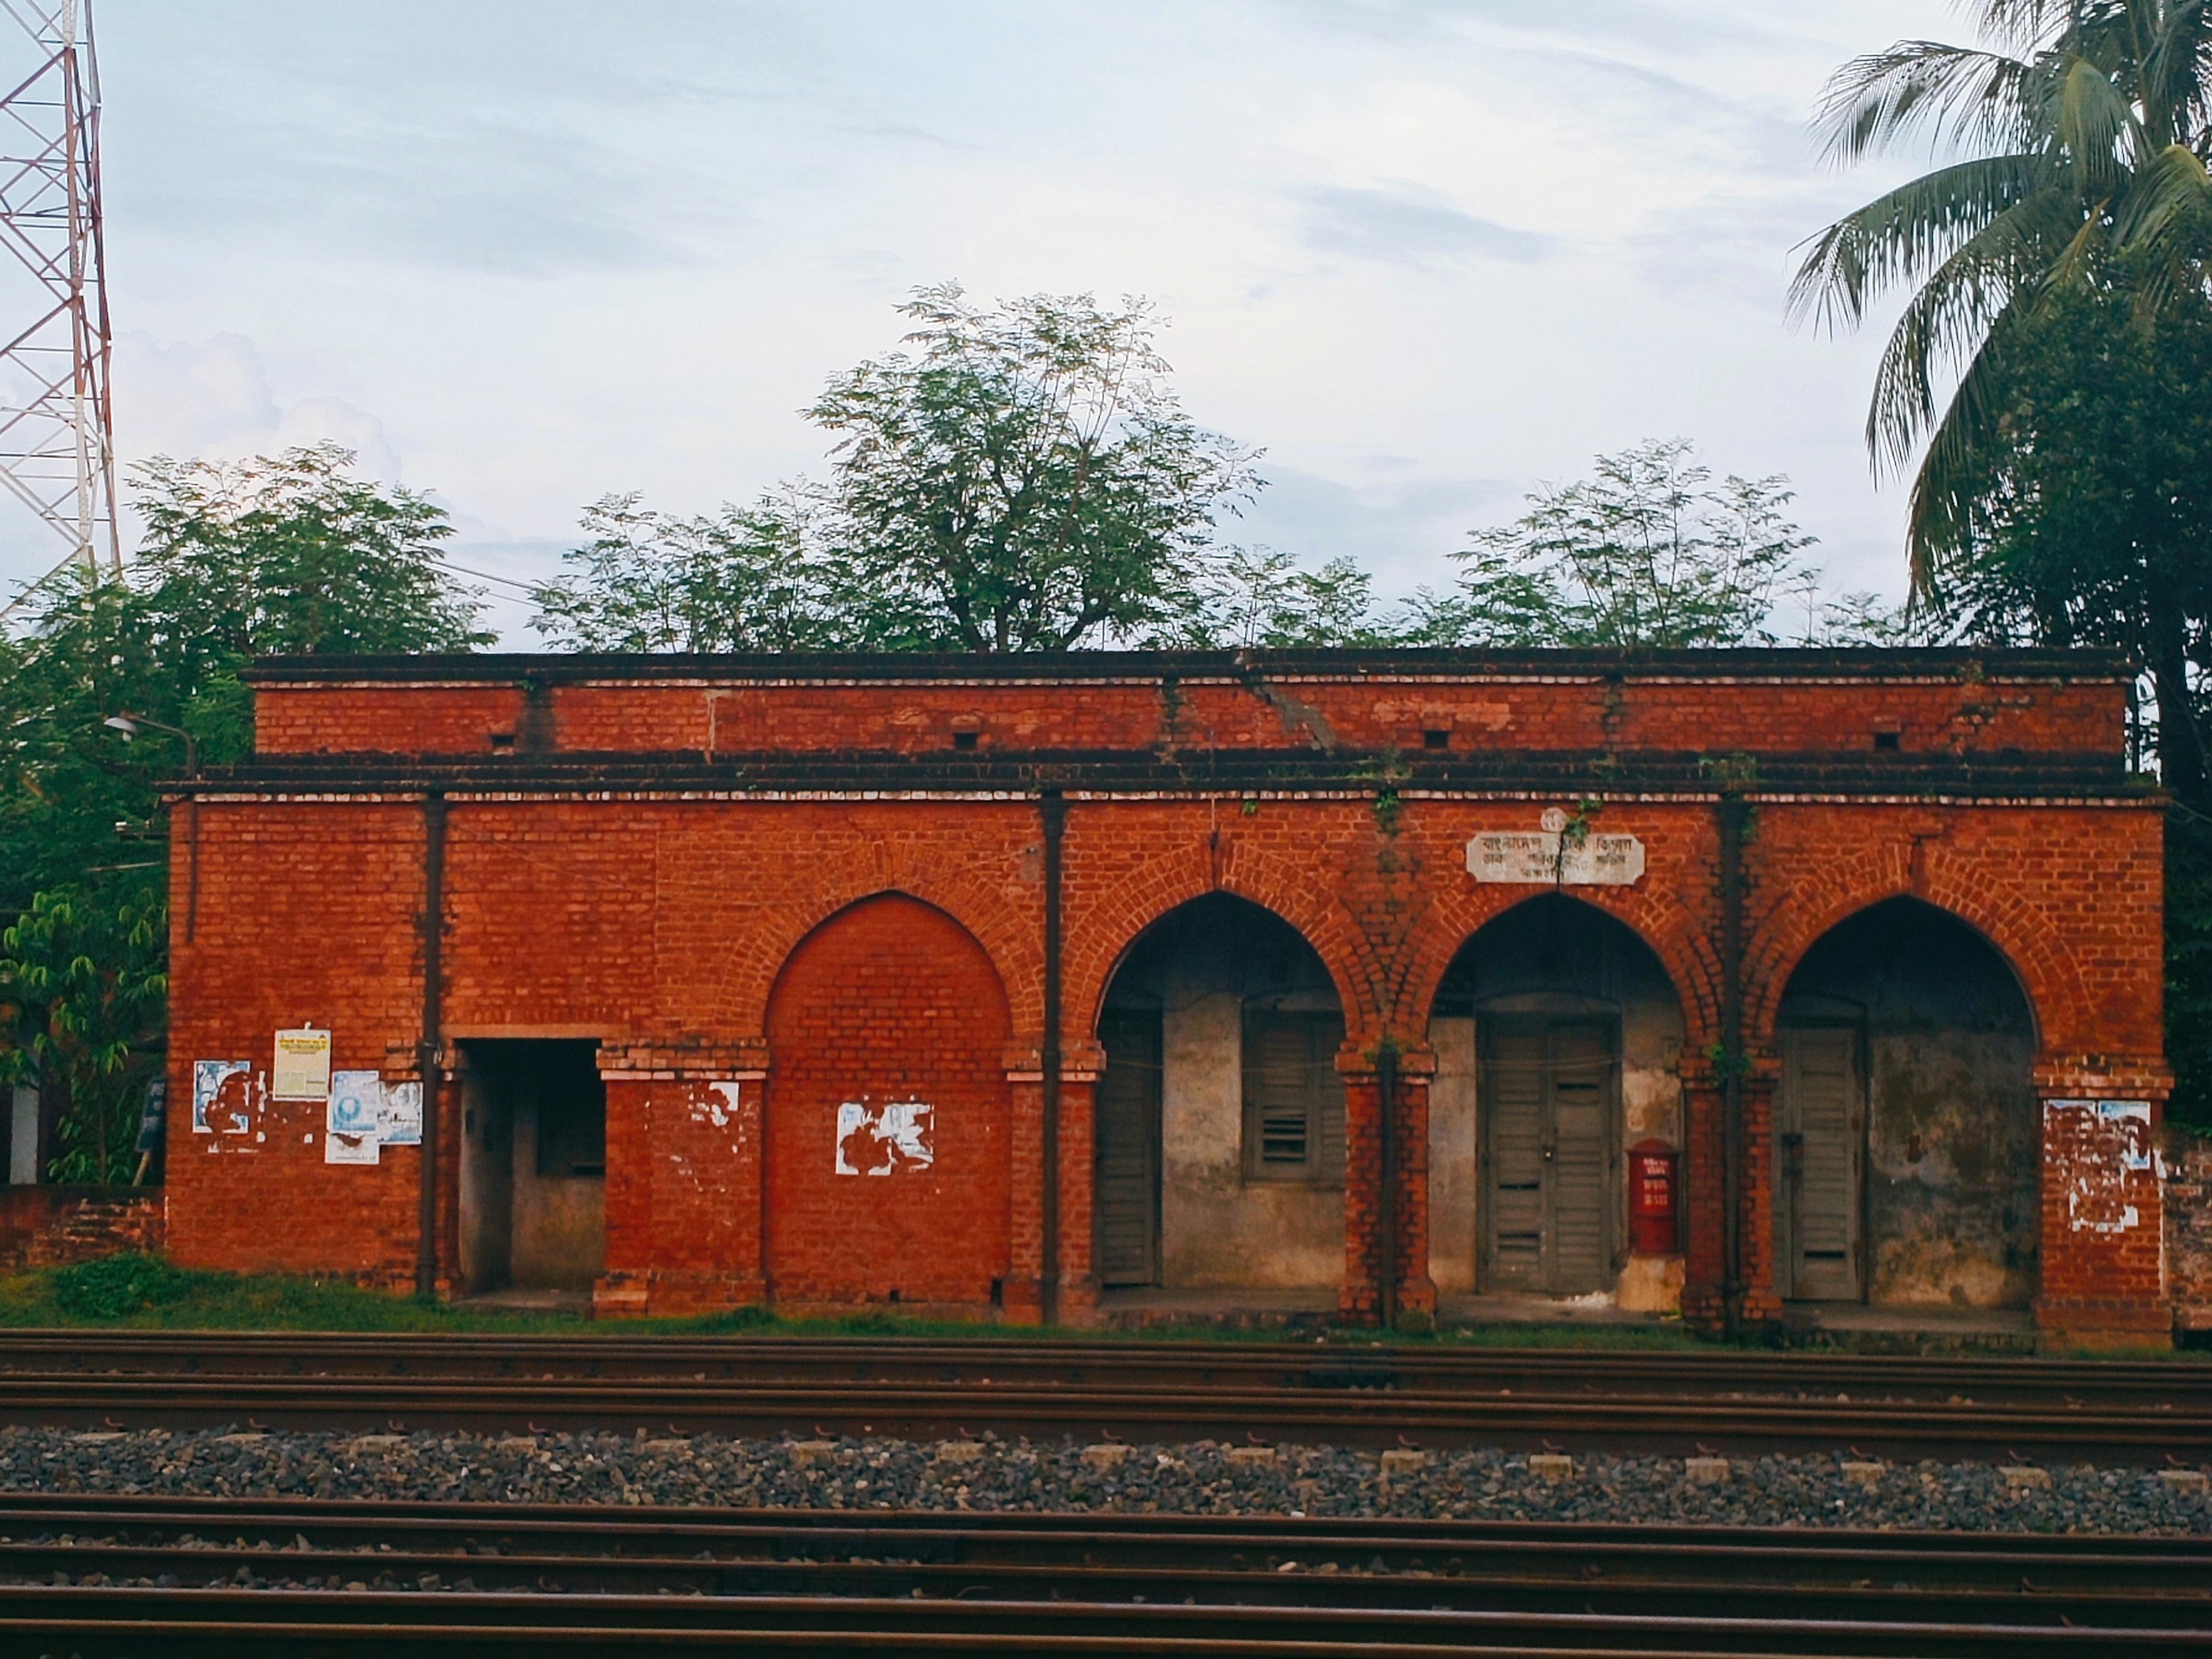 সান্তাহার রেলওয়ে পোস্ট অফিসের পুরনো ভবন। ছবি : সান্তাহার ডটকম টিম